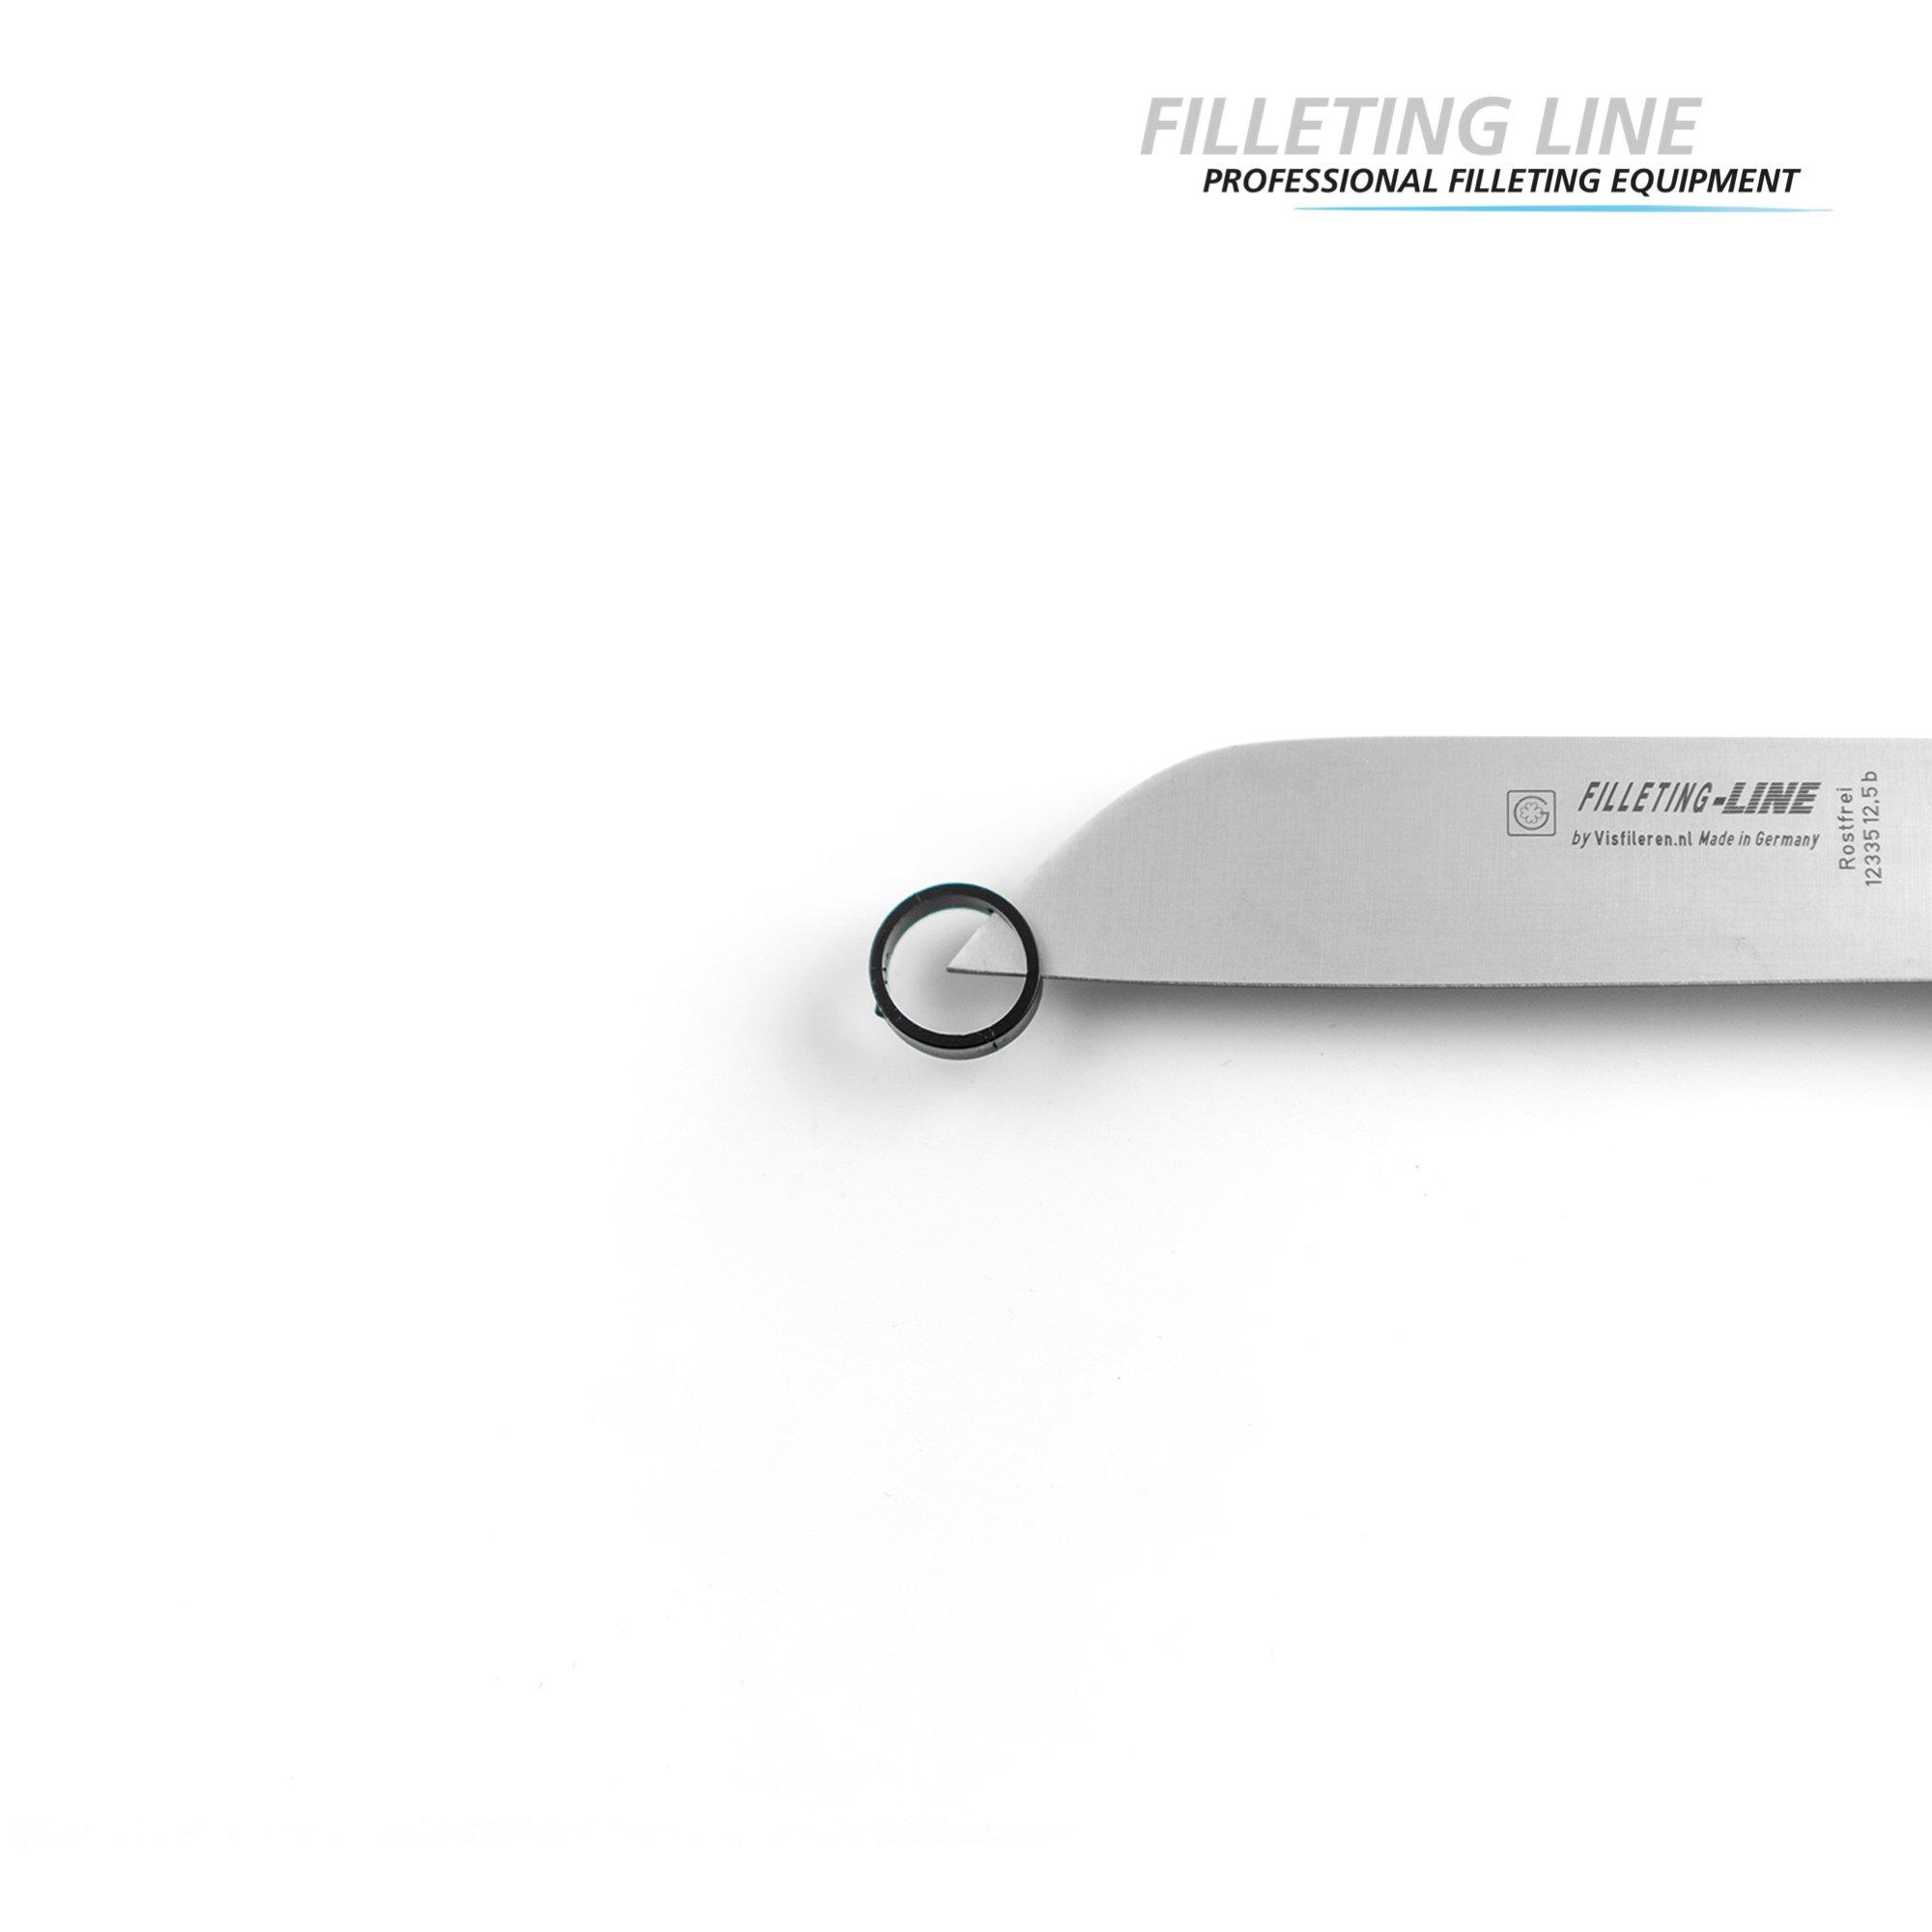 FILLETING LINE_2000x2000_DETAILS_logo-5